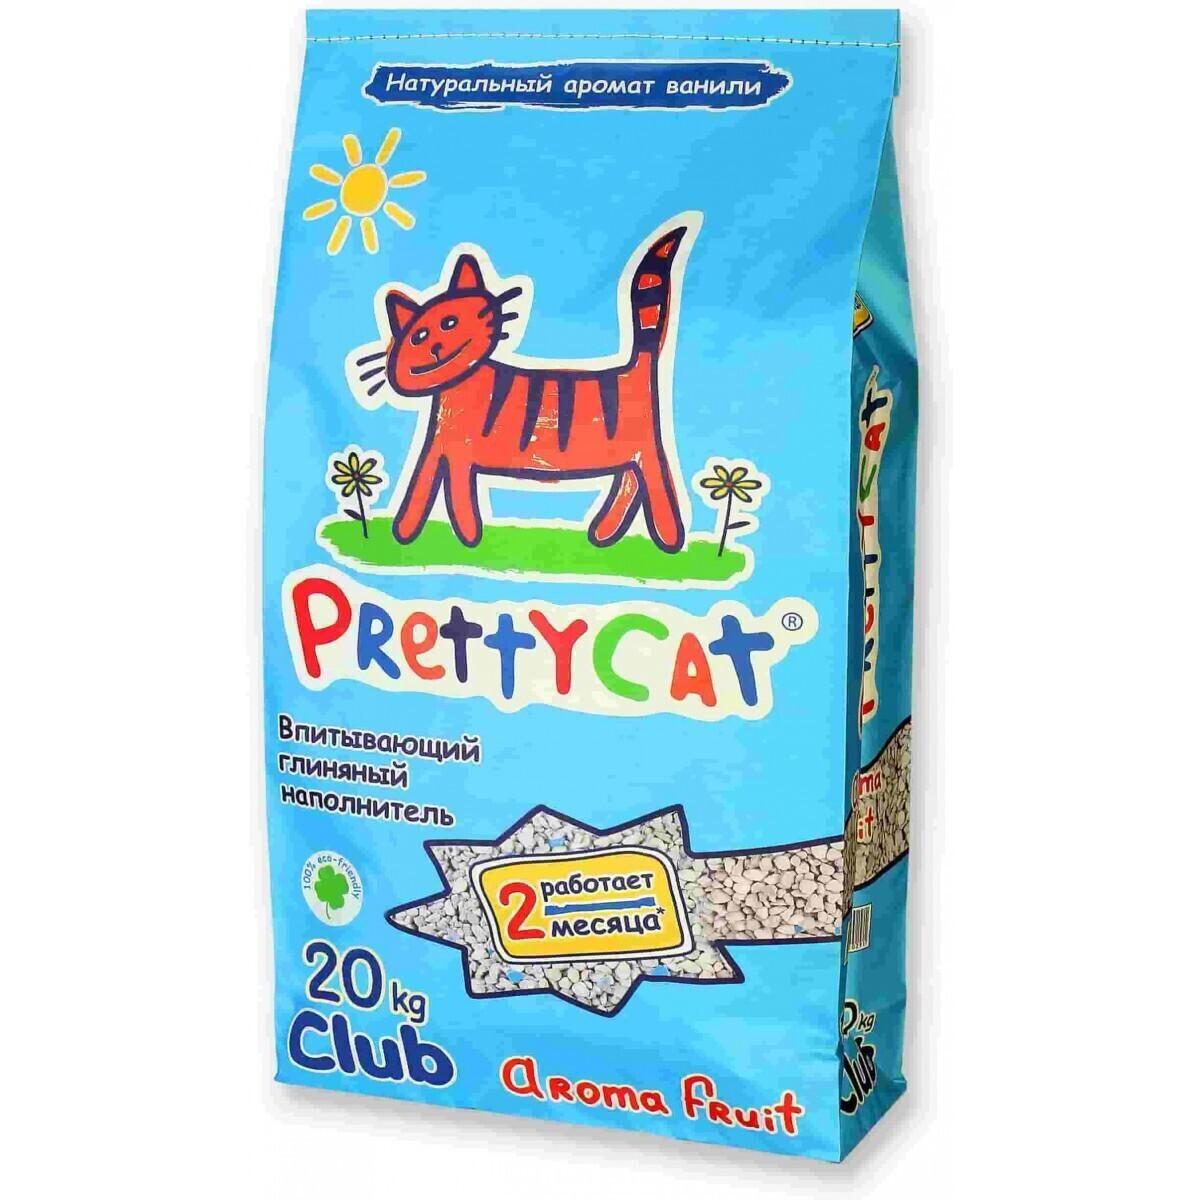 PrettyCat Aroma Fruit силикагелевый впитывающий наполнитель, цеолит + силикагель 20 кг